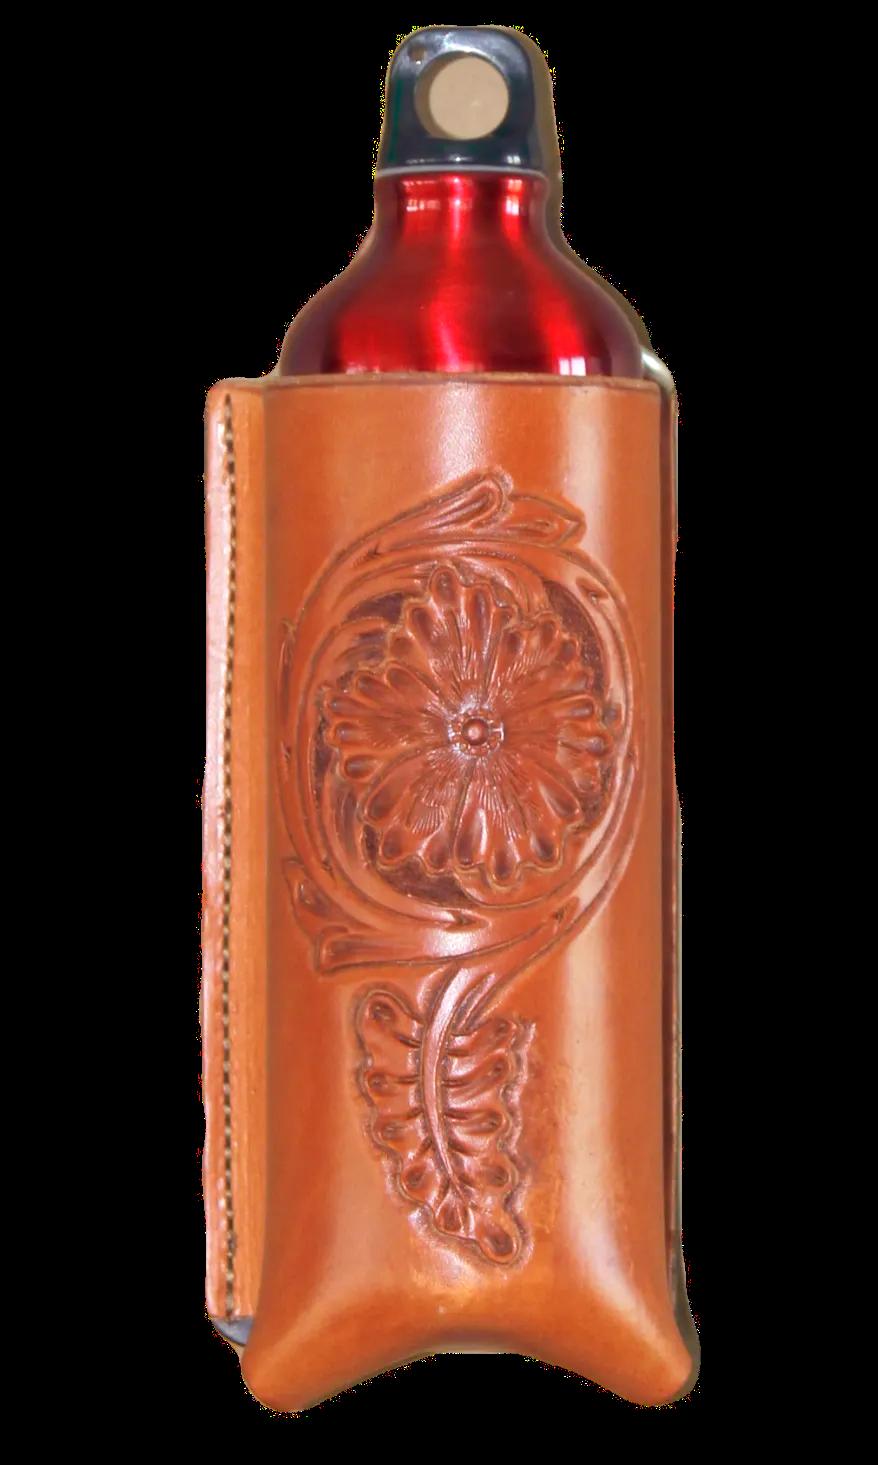 Floral cinch bottle holder